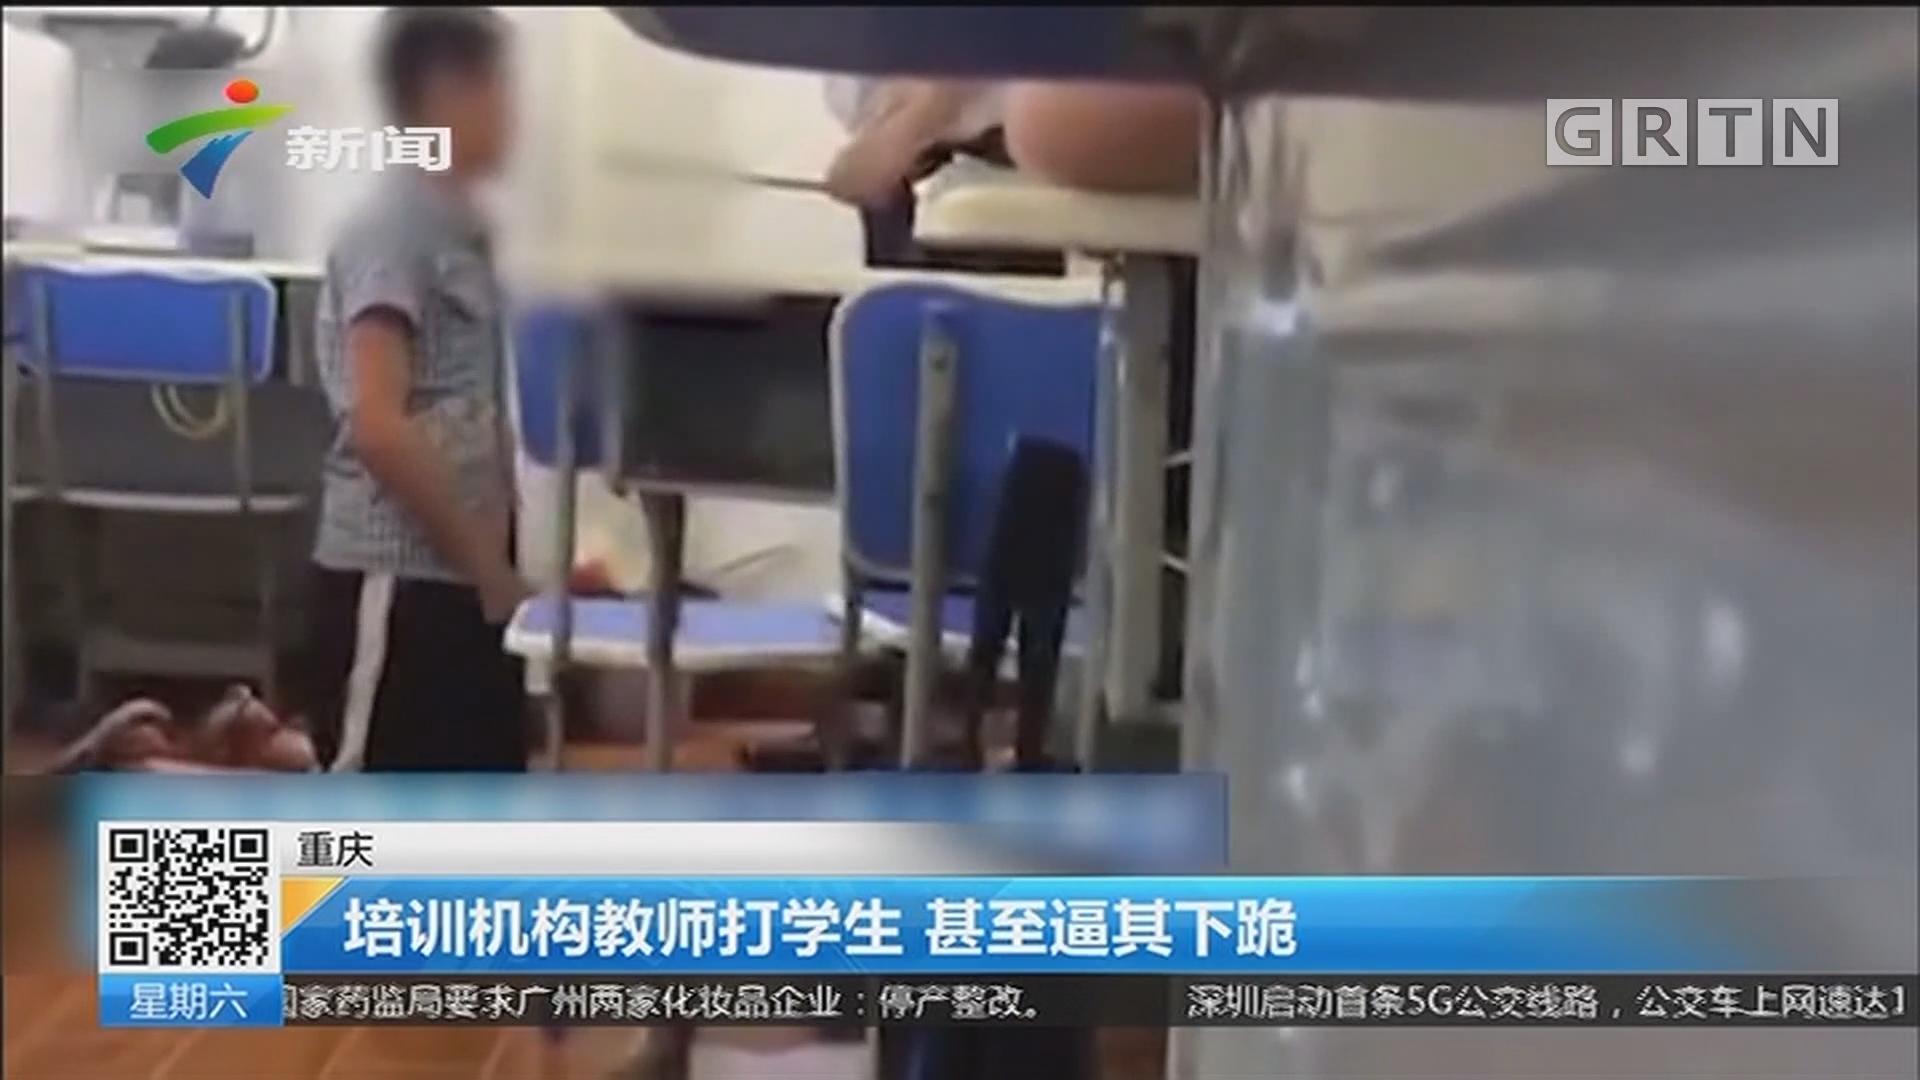 重庆 培训机构教师打学生 甚至逼其下跪